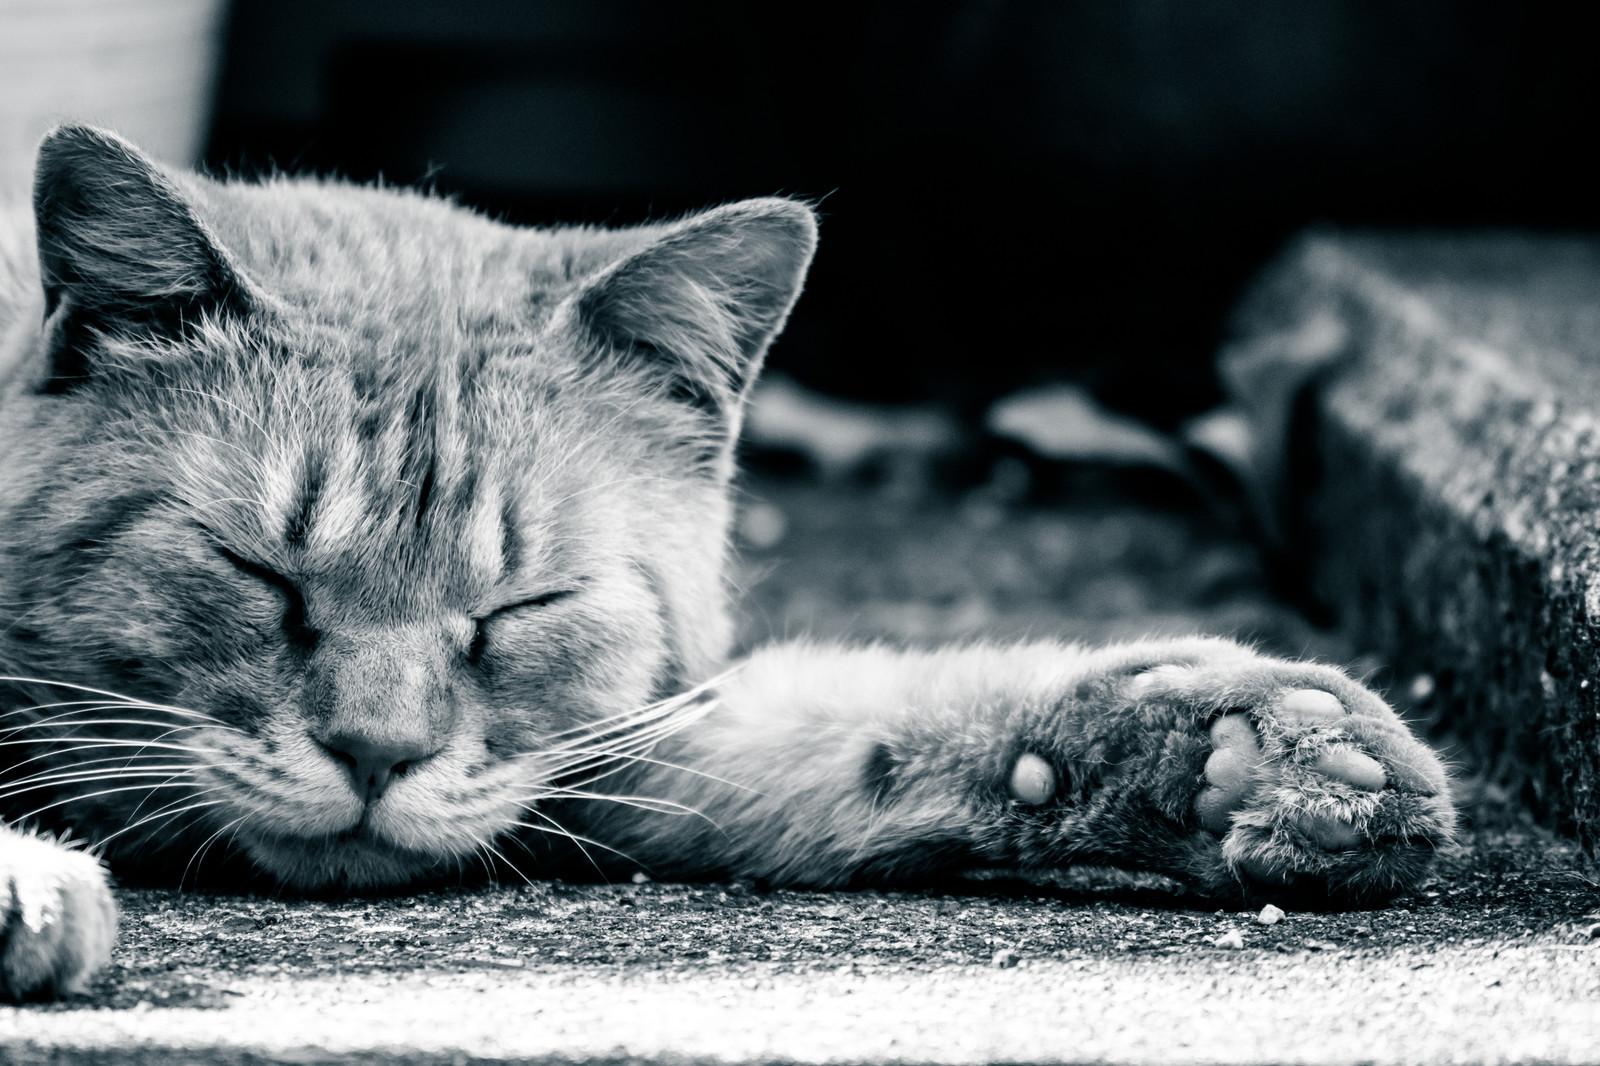 猫の肉球の雑学を知れば、猫の気持ちが分かるかも!?肉球雑学集めました!